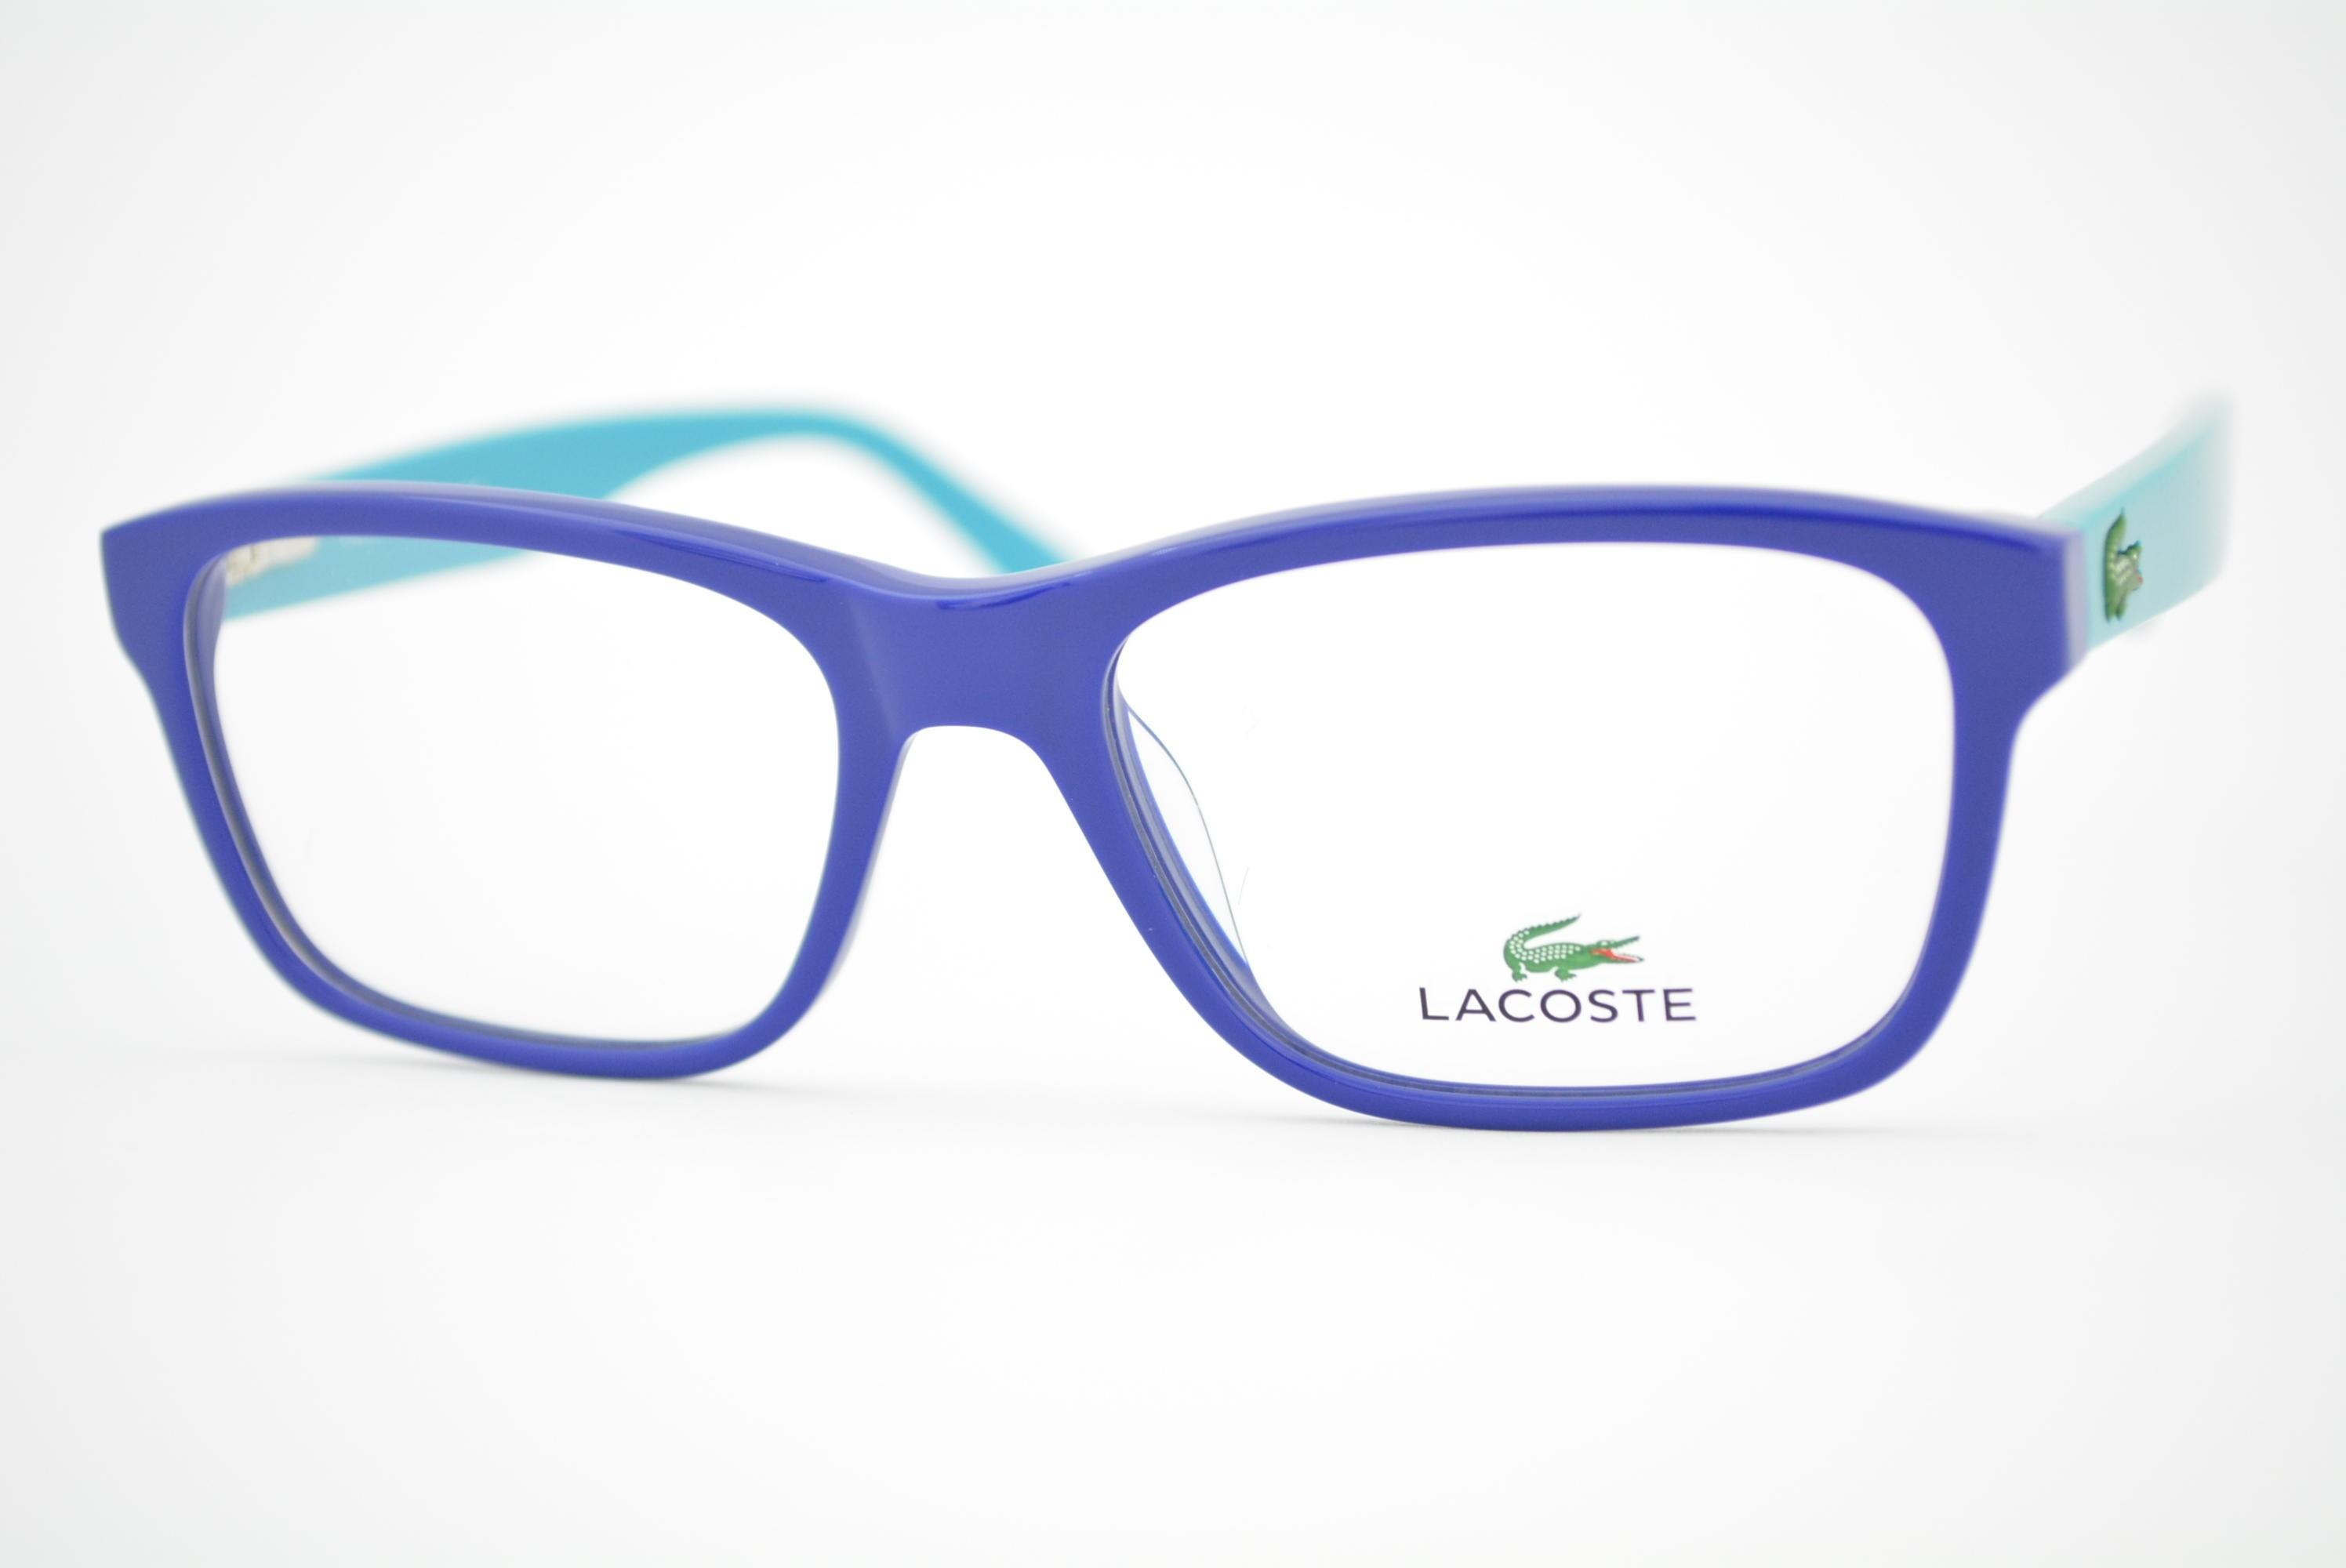 fcbb4fe2899fa armação de óculos Lacoste Infantil mod L3612 424 Ótica Cardoso